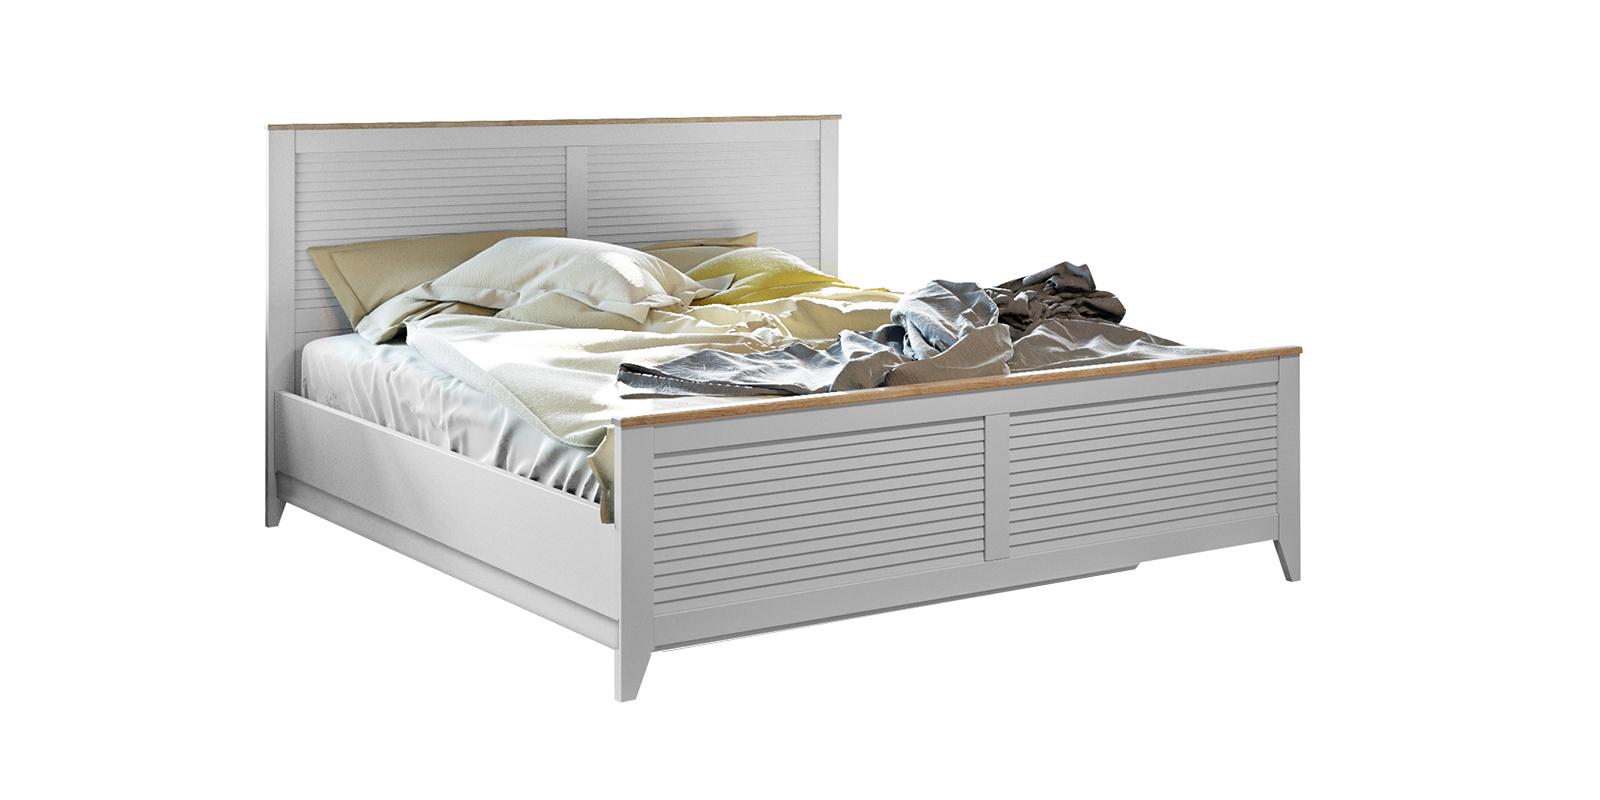 Кровать каркасная 200х160 Мерида с подъемным механизмом (дуб бежевый/белый)